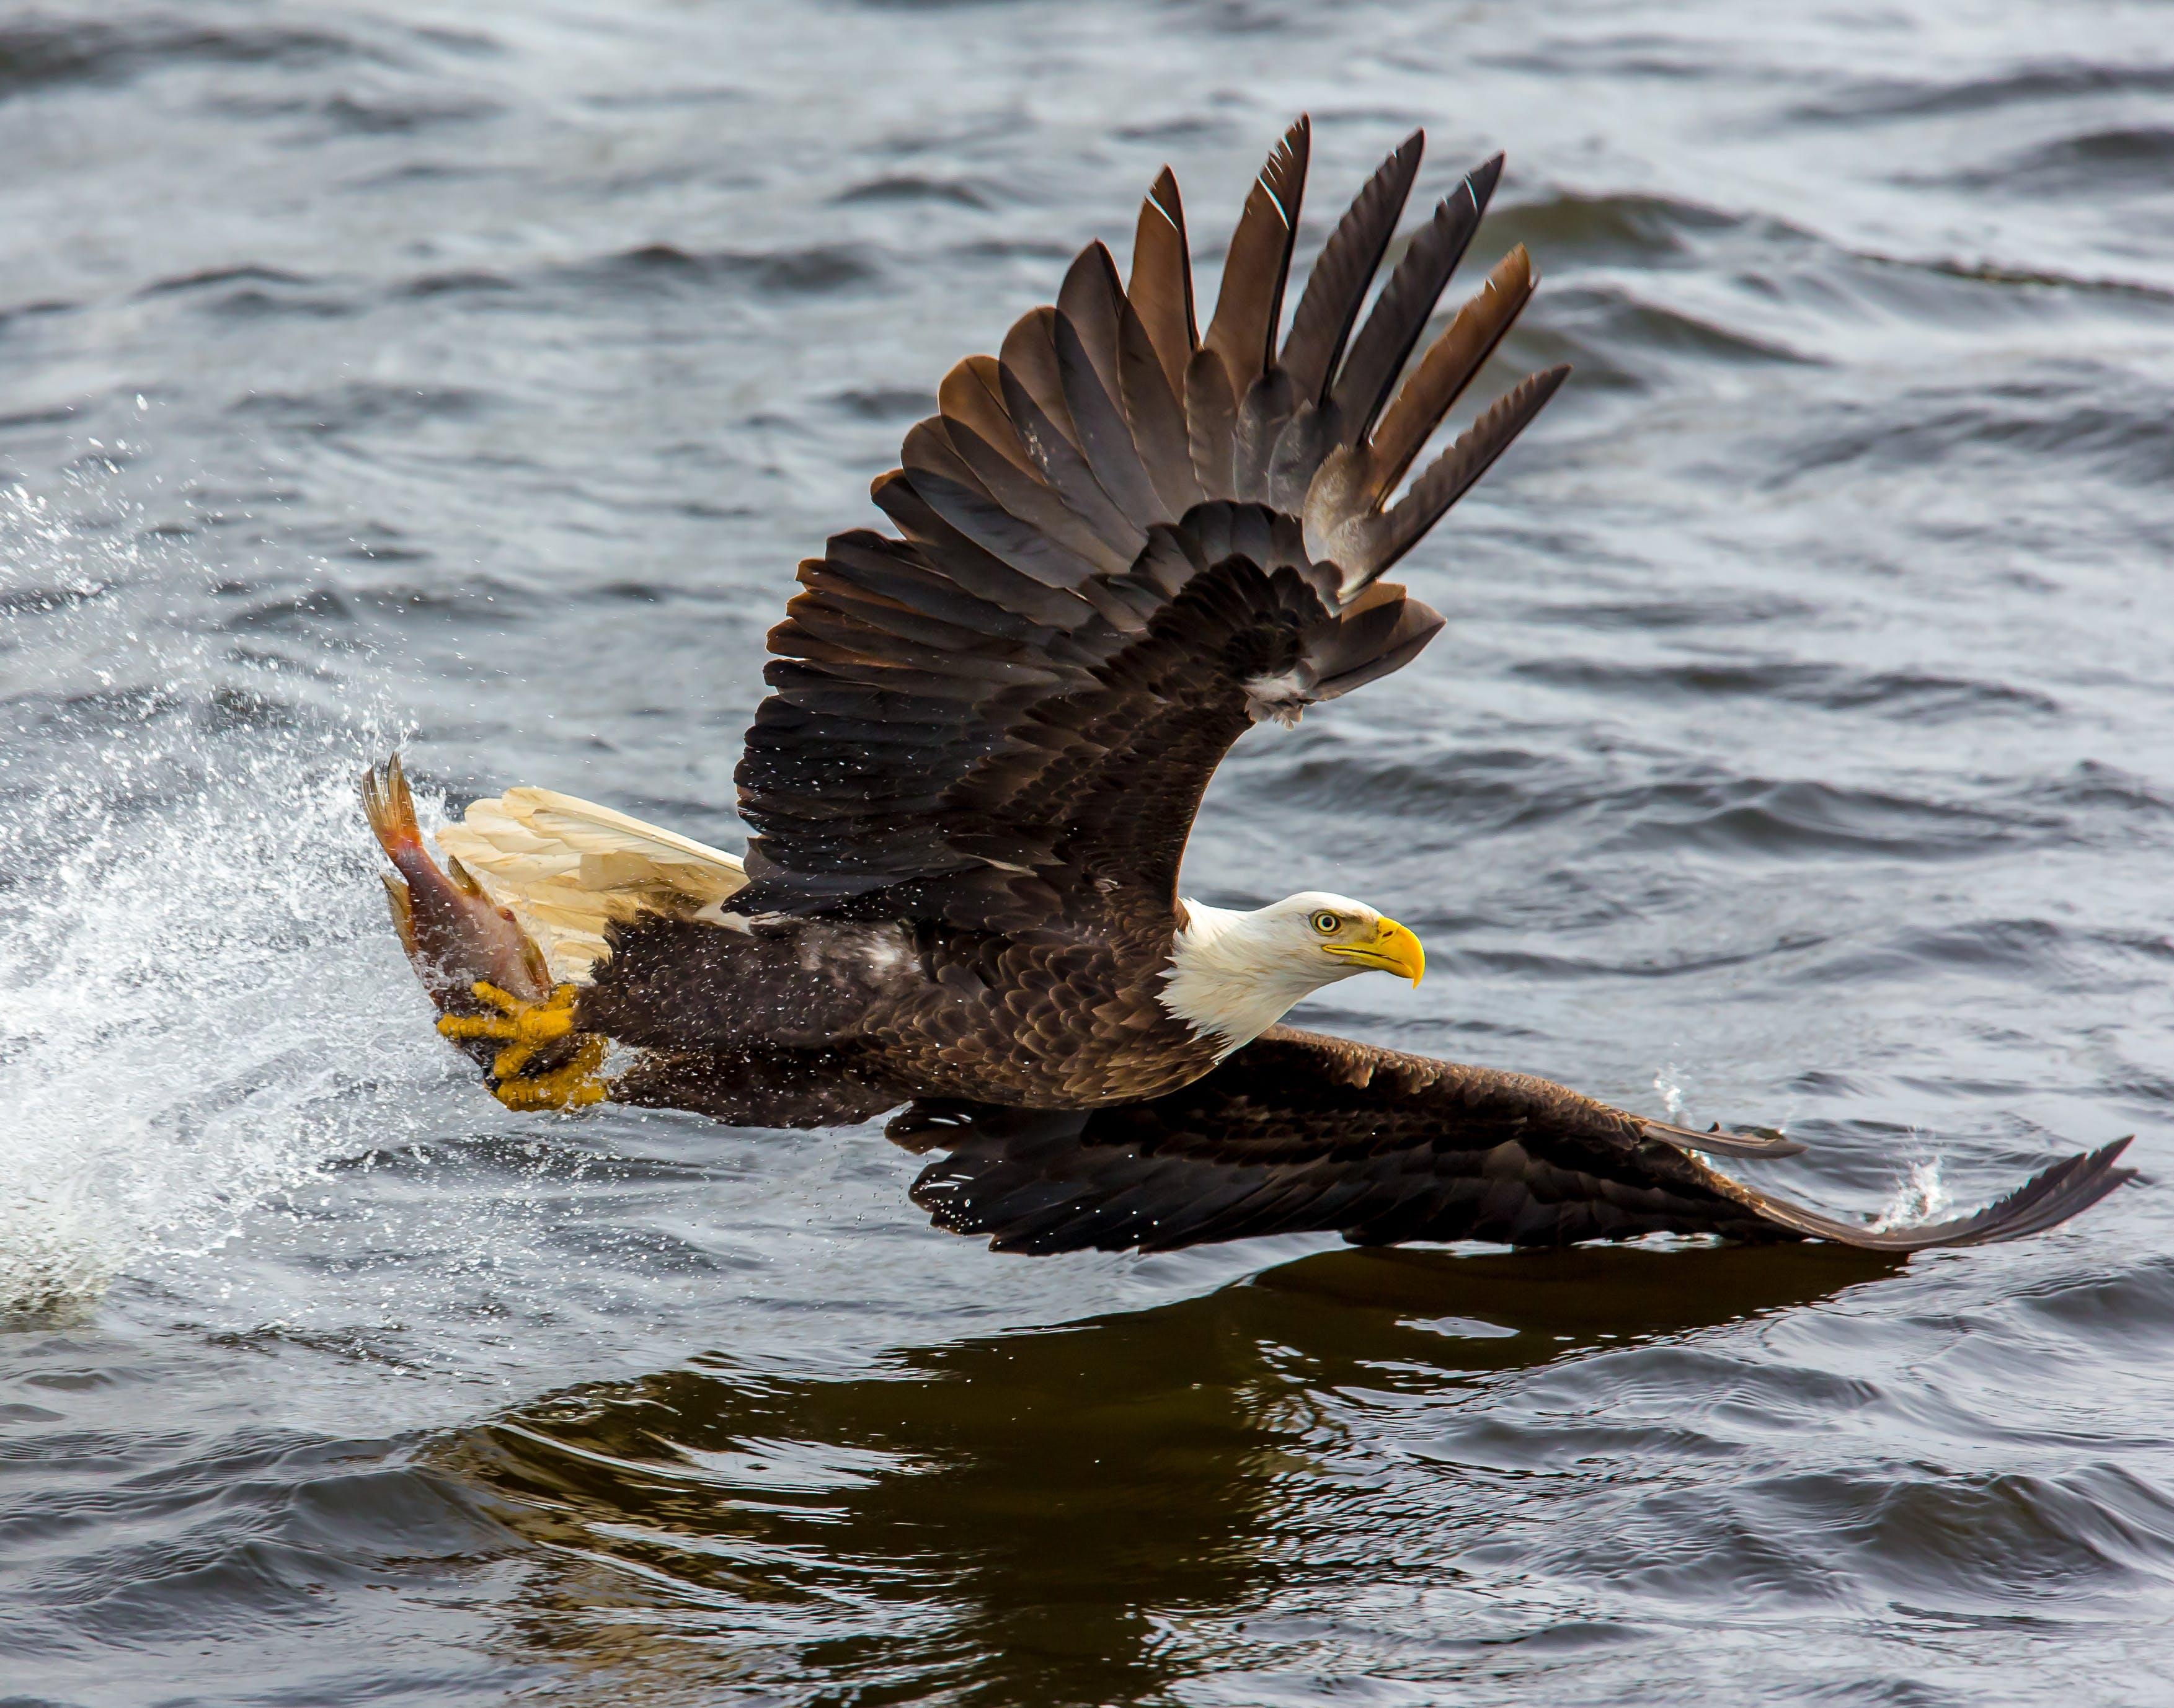 Free stock photo of flight, nature, bird, water